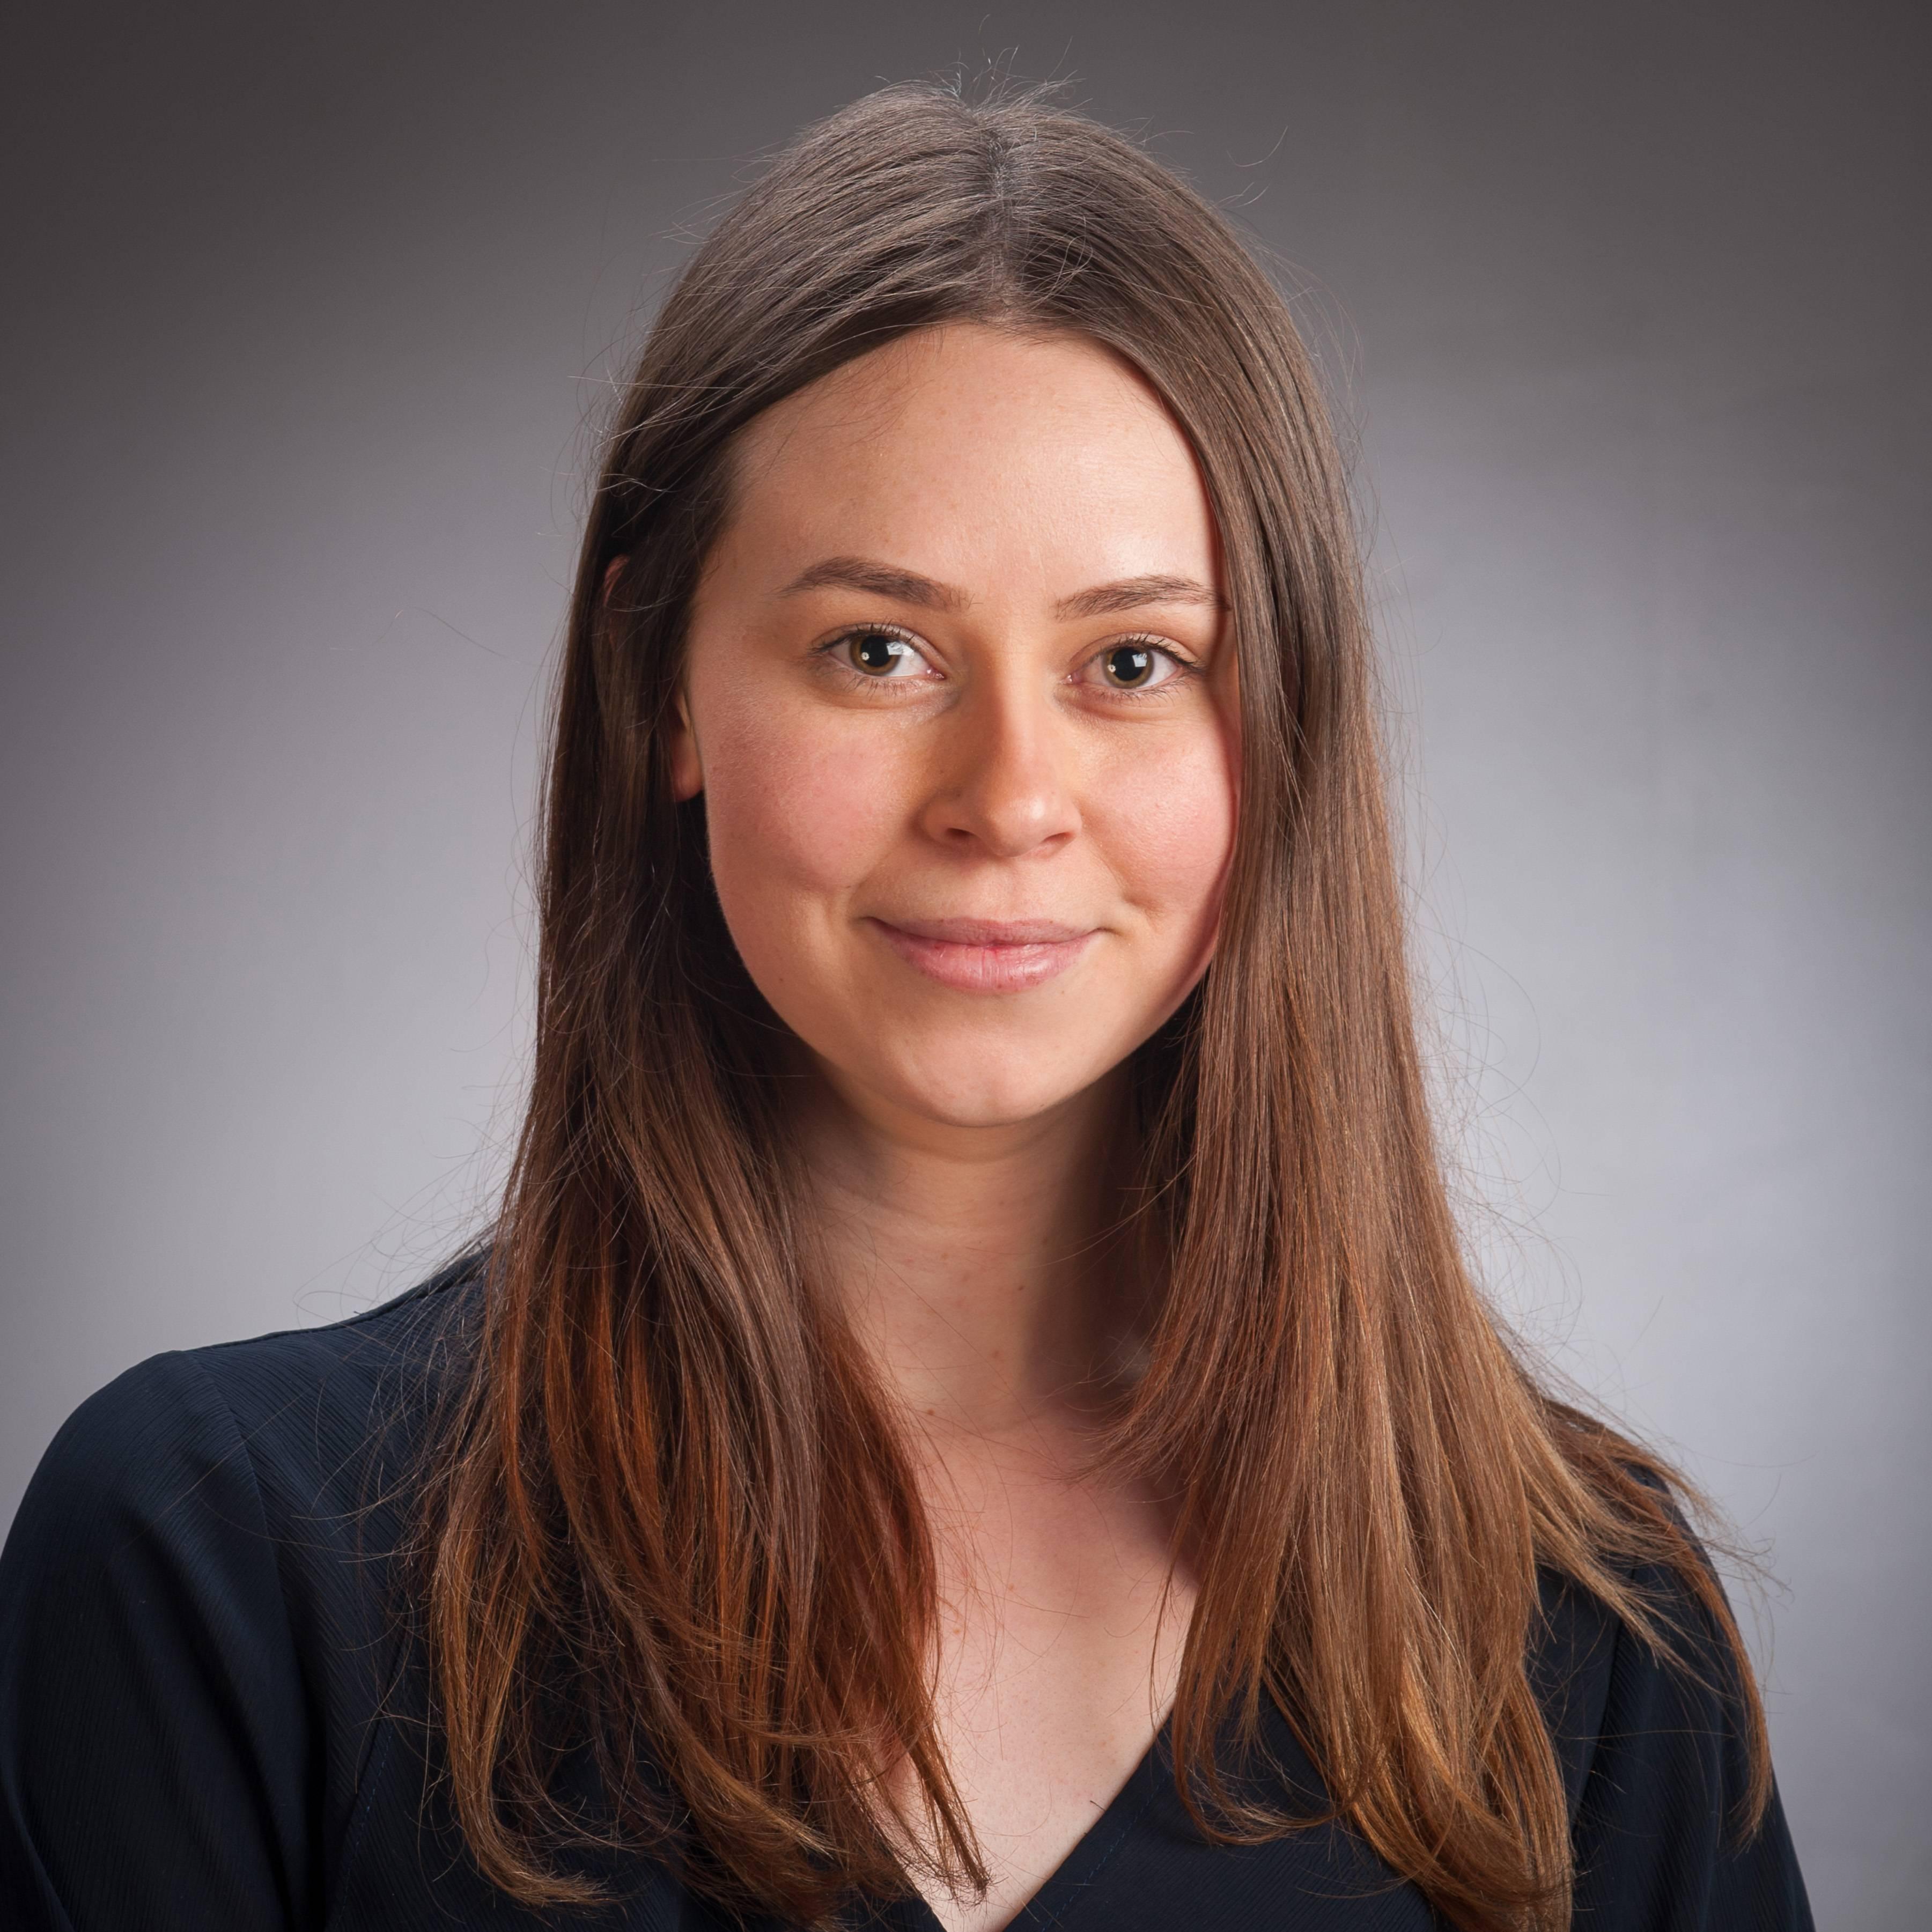 Rebecca Mines profile picture photograph